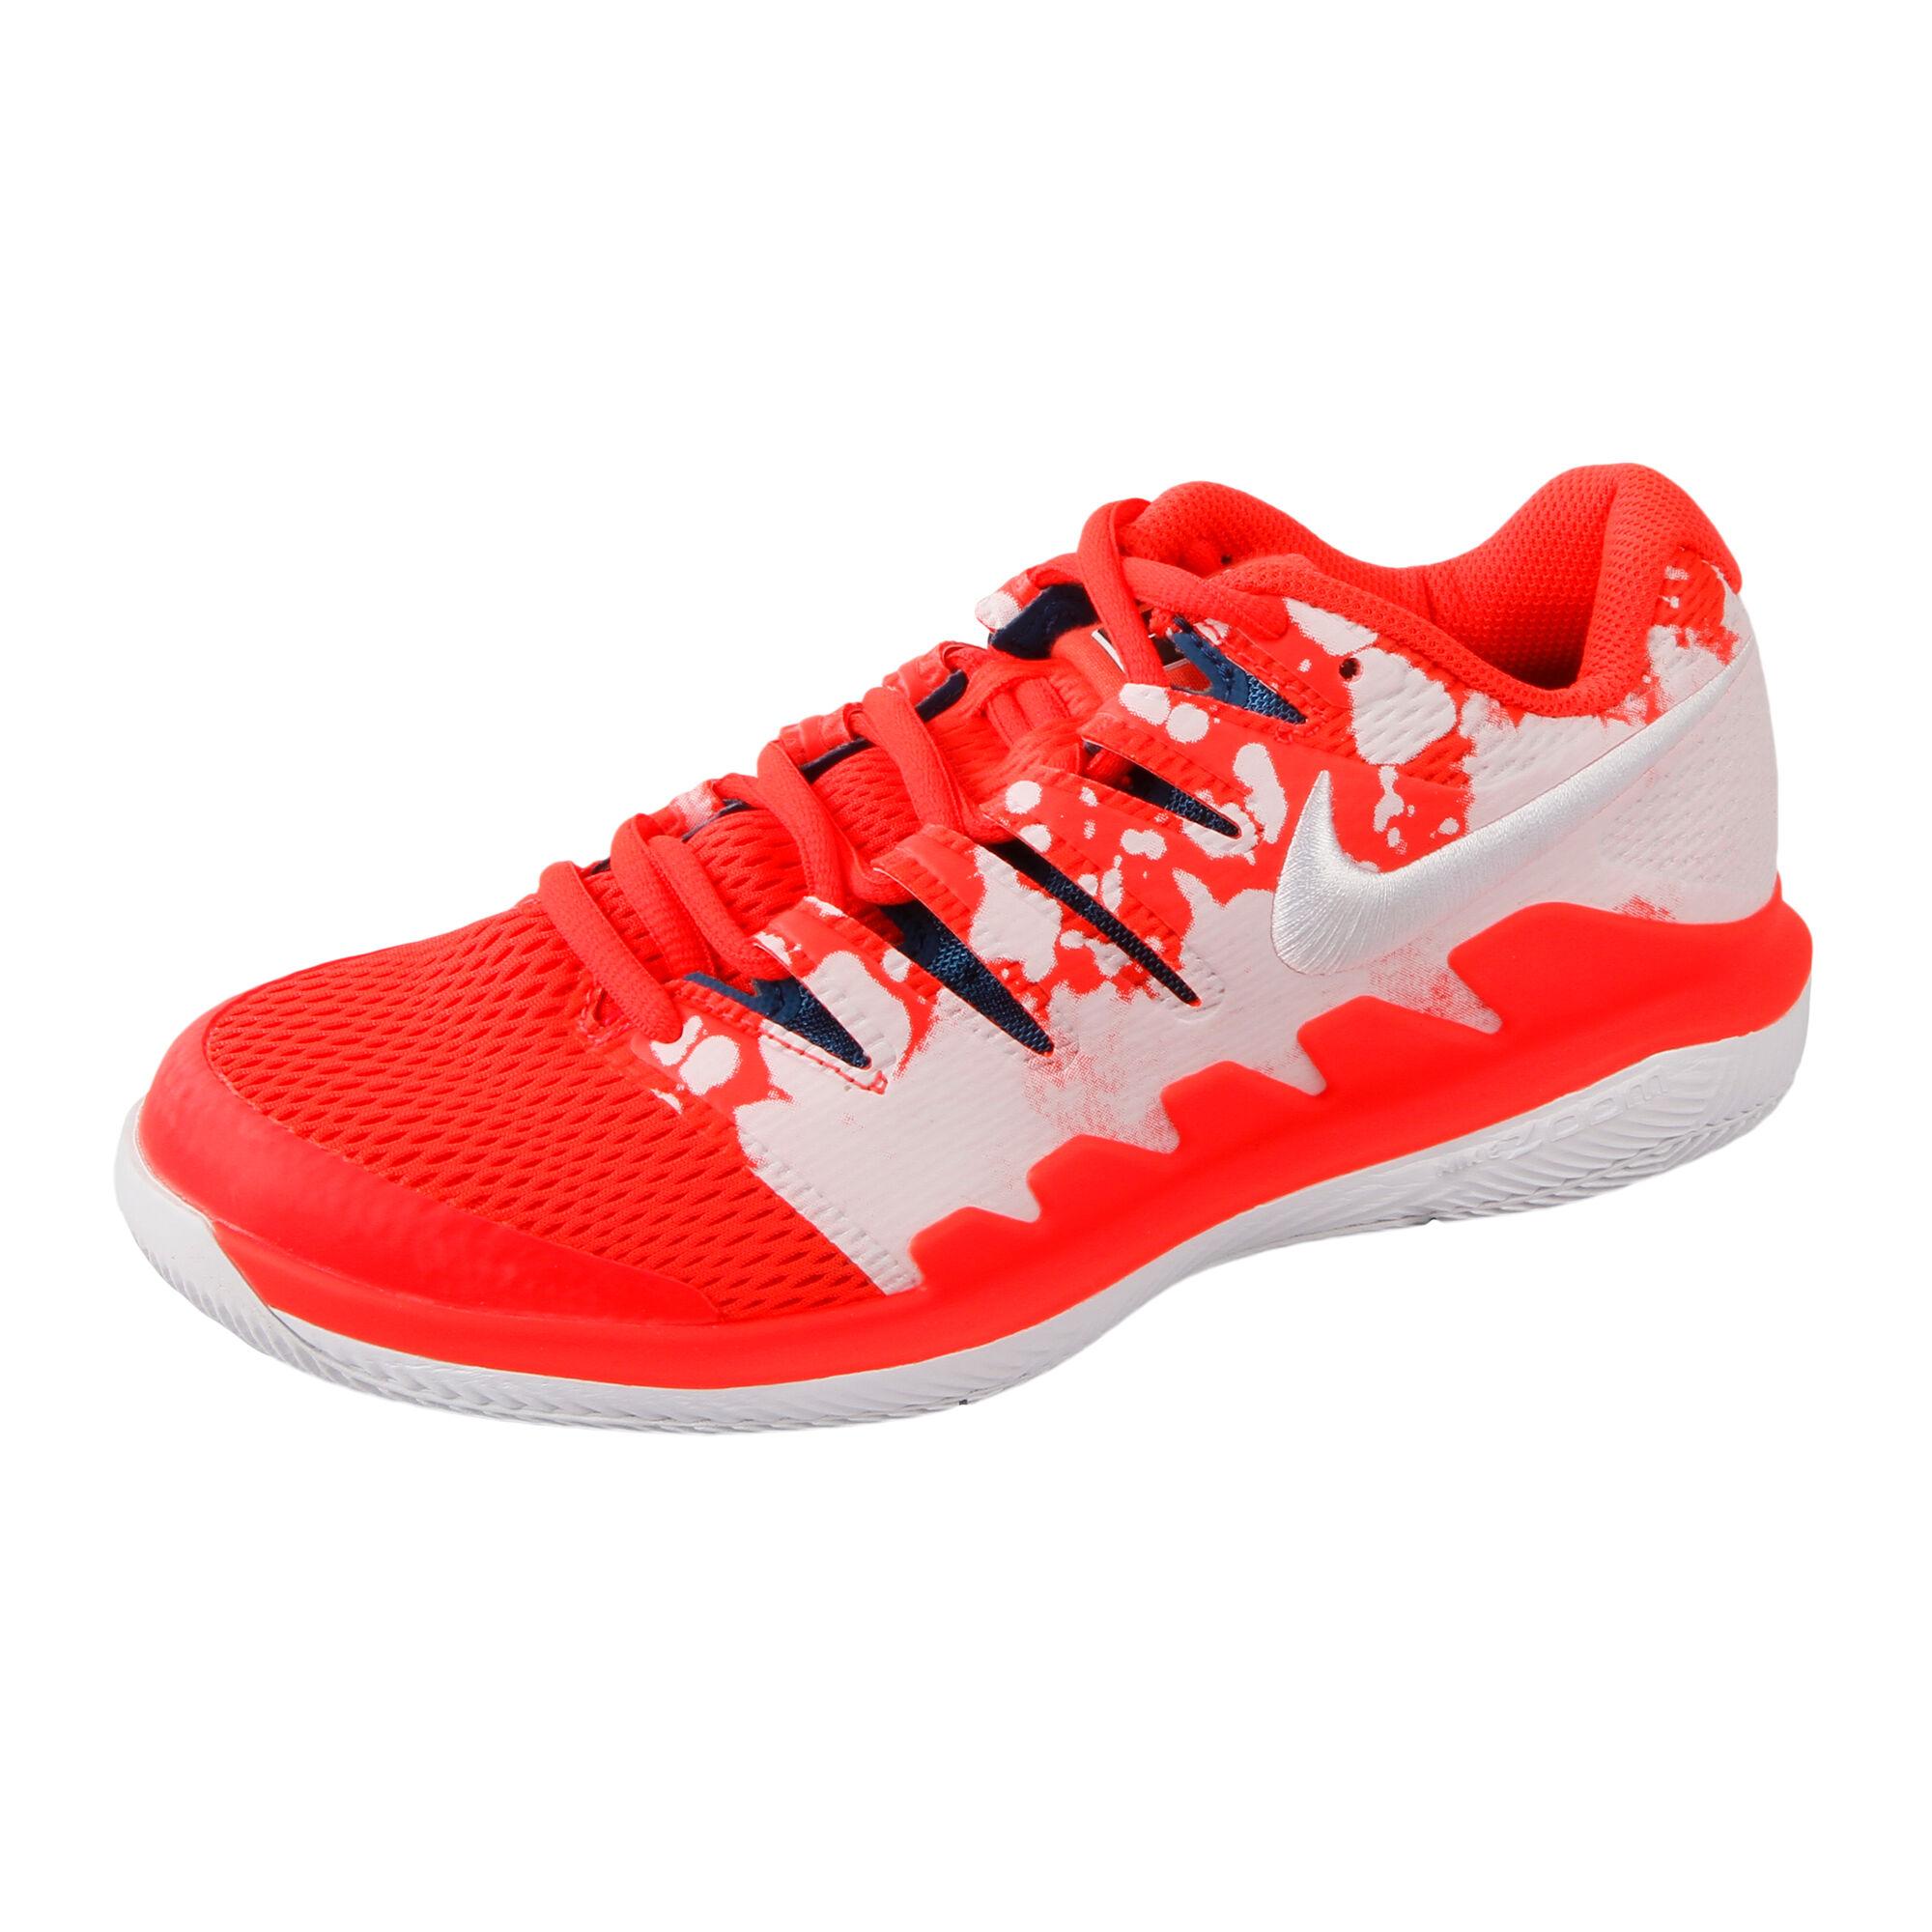 8411a2b0 Nike · Nike · Nike · Nike · Nike · Nike · Nike · Nike · Nike. Air Zoom  Vapor X ...